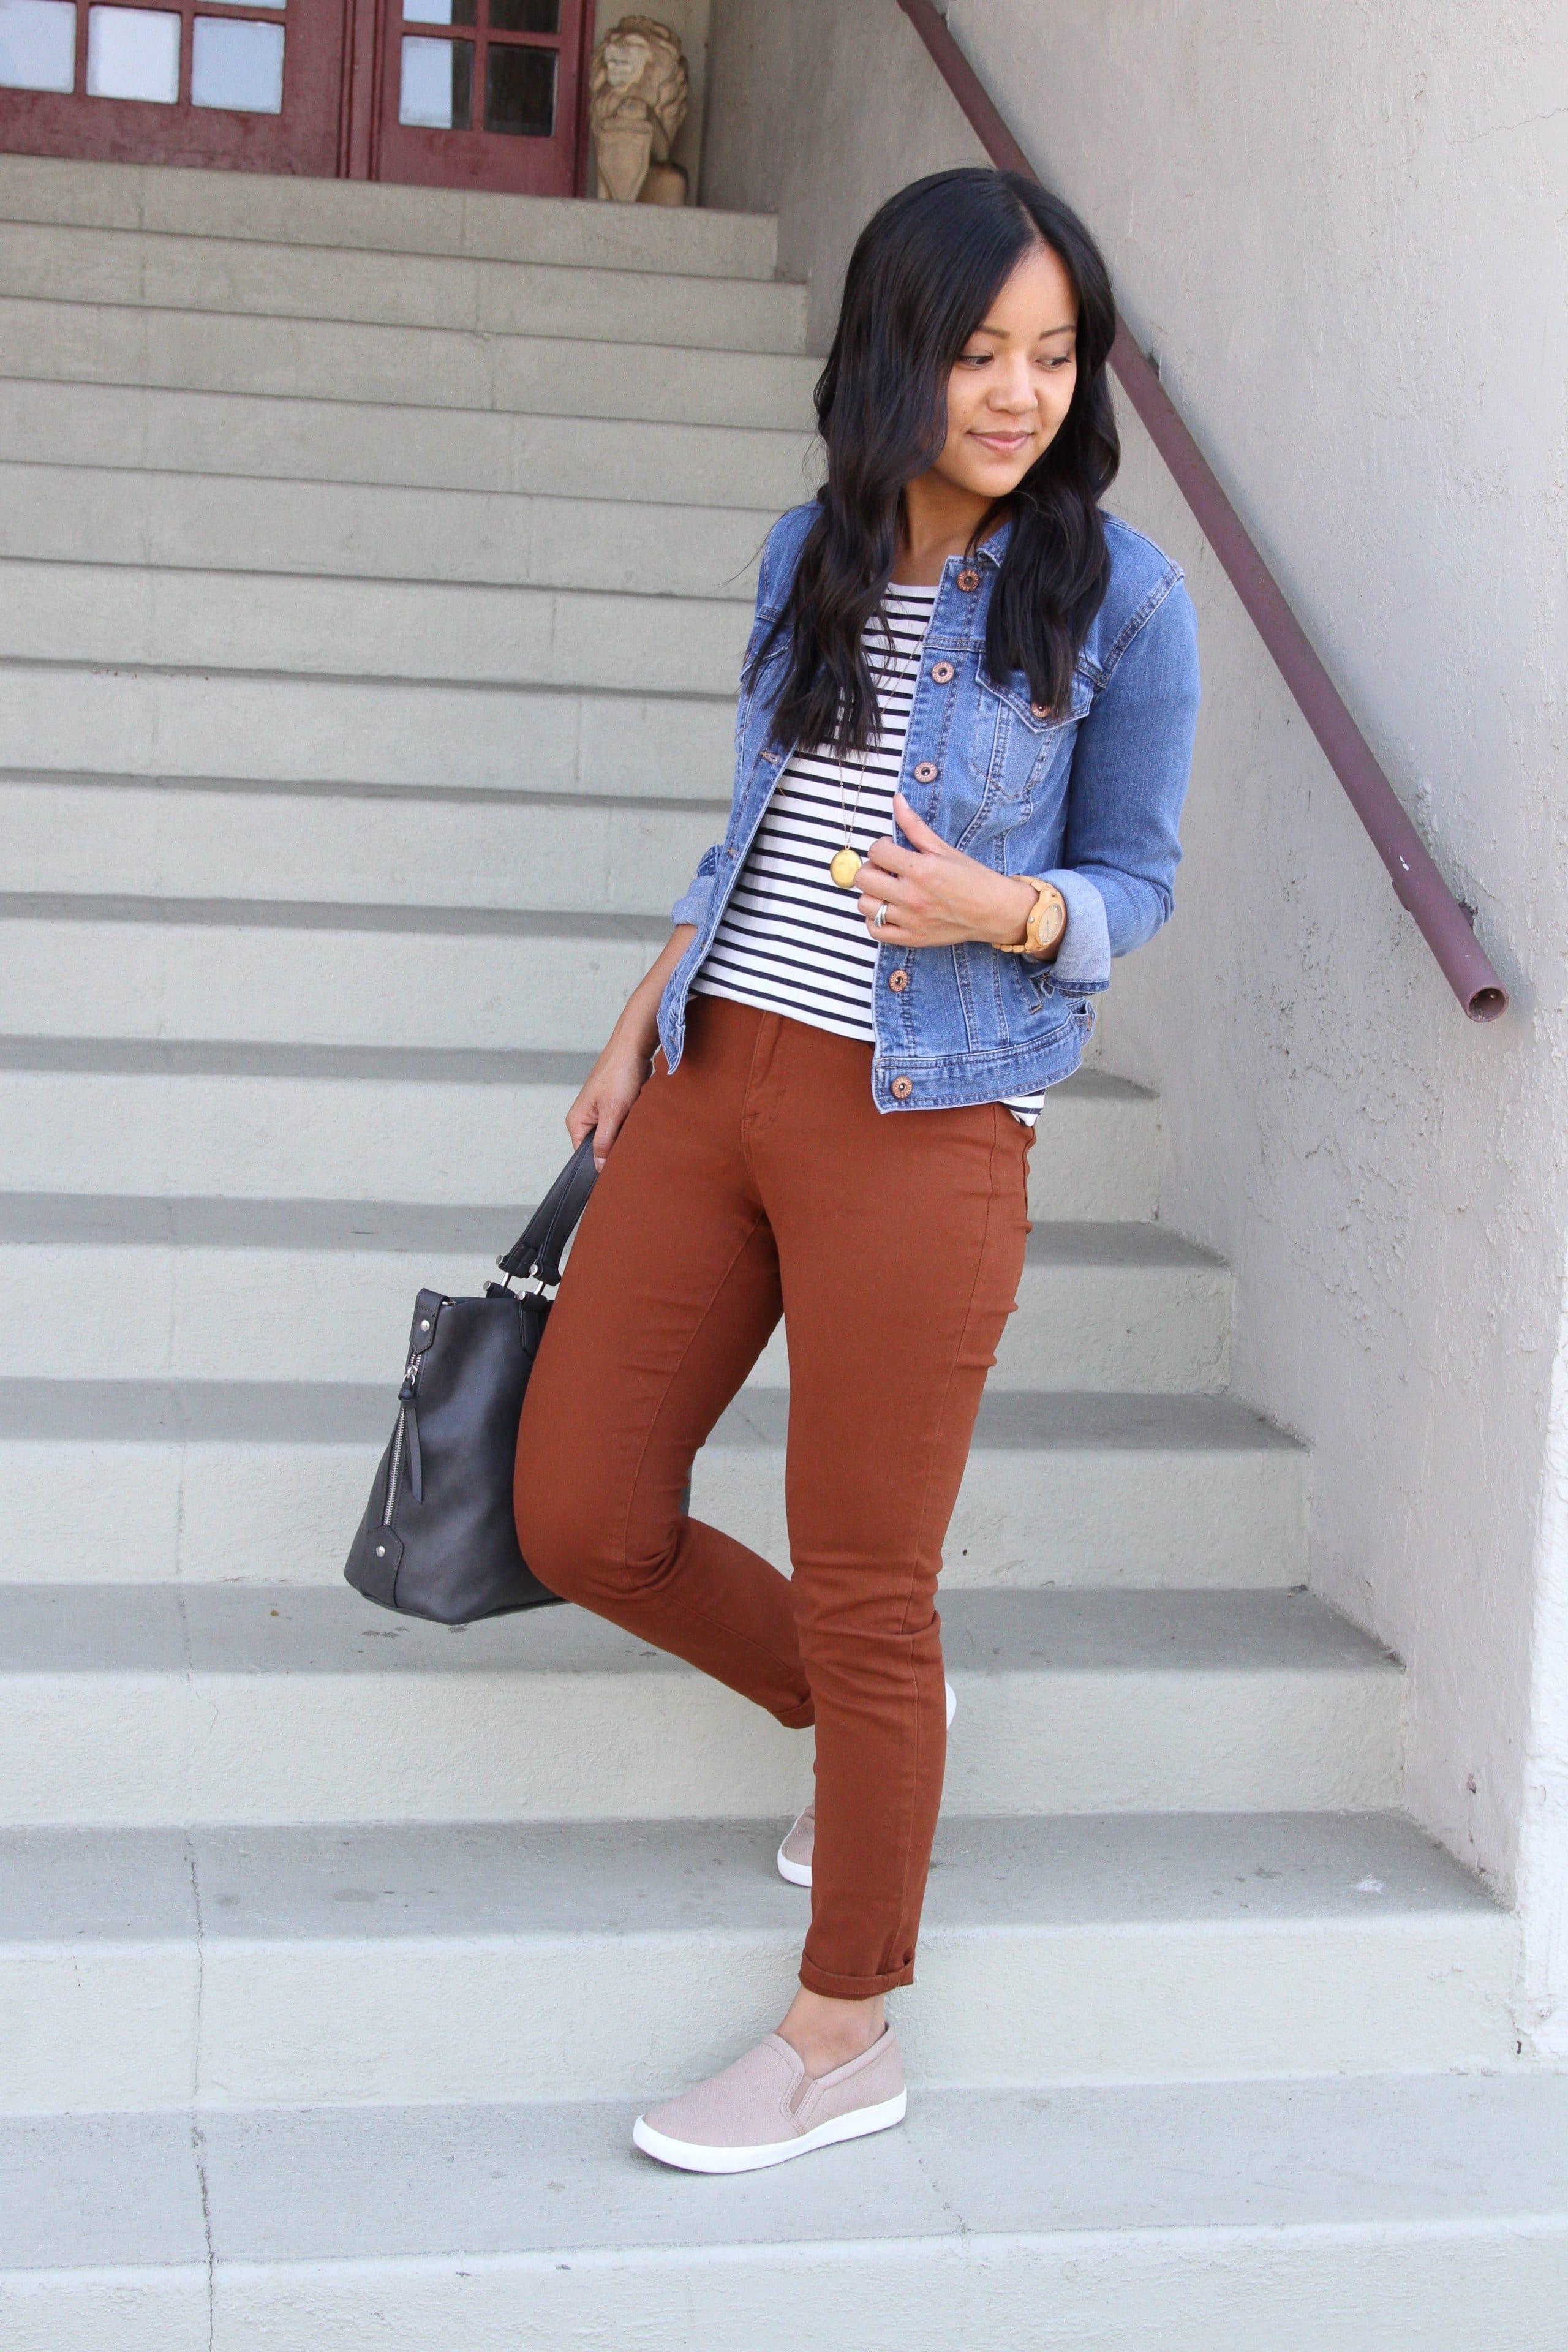 black and white striped tee + brown skinnies + denim jacket + tan slip on sneakers + grey purse